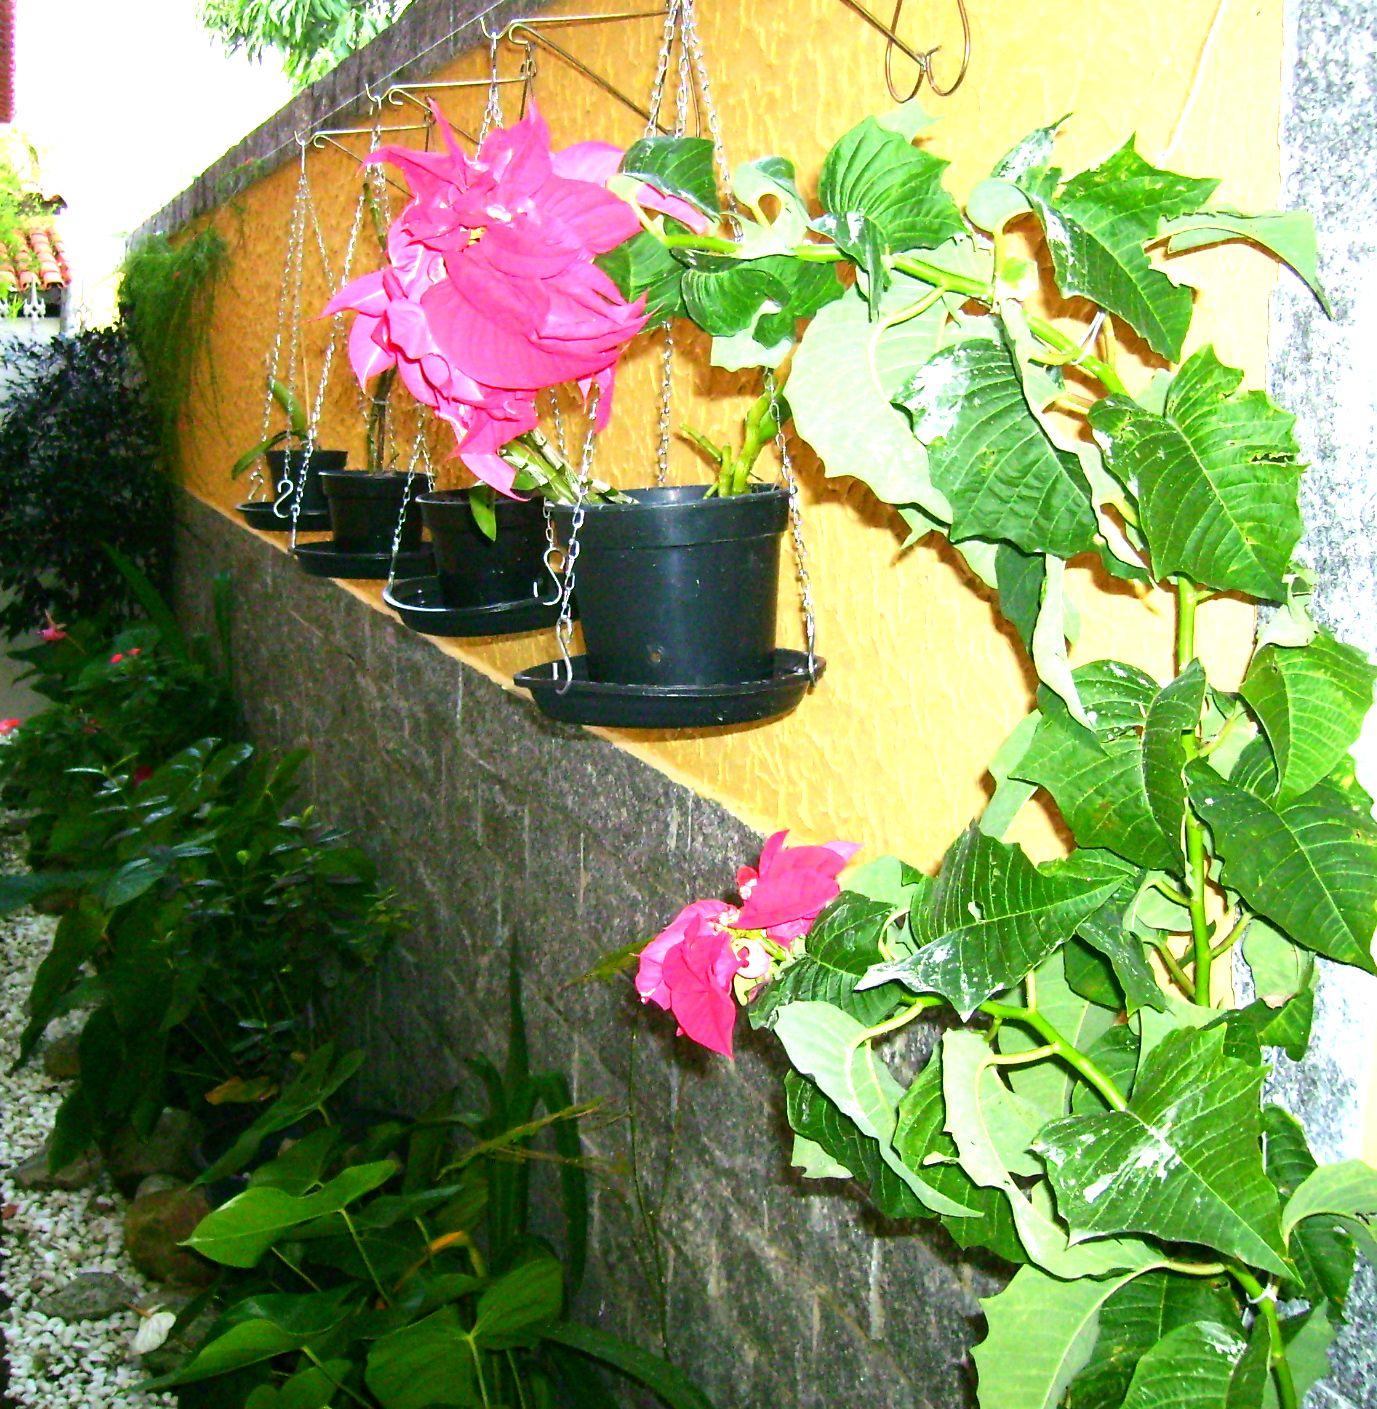 rosas no jardim poema : rosas no jardim poema:Neumar Monteiro: AS FLORES DO JARDIM DA MINHA CASA